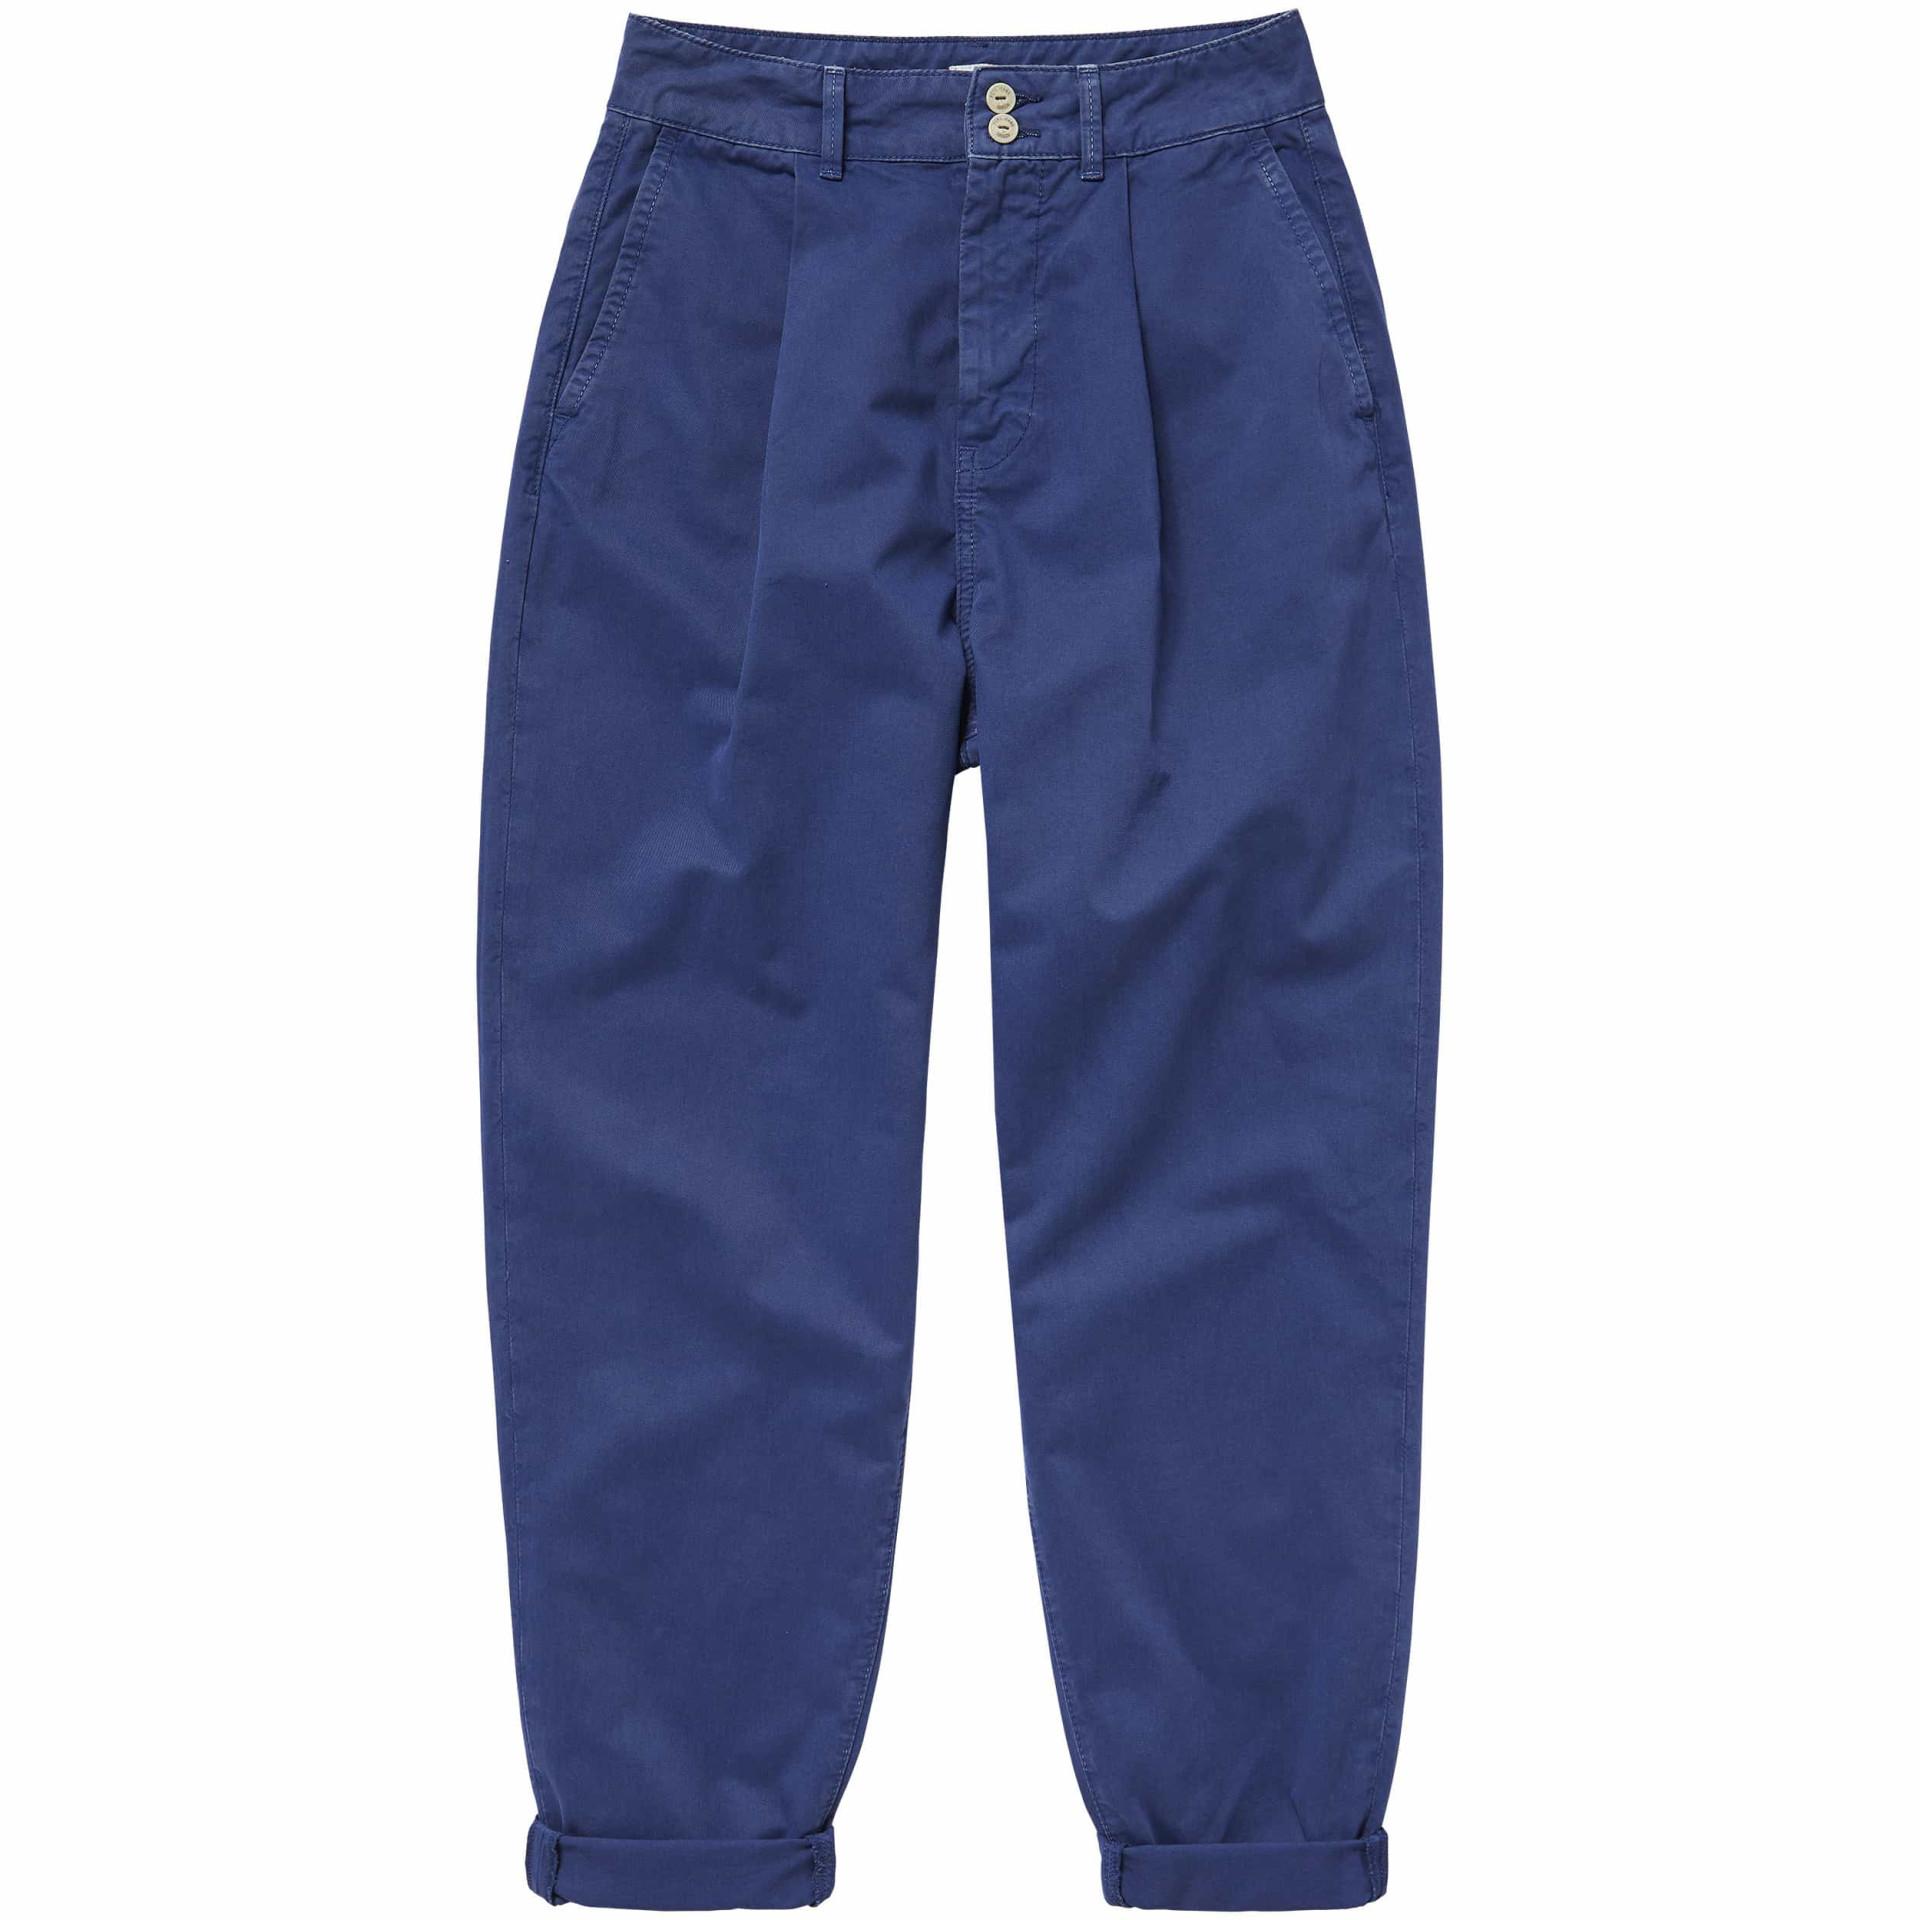 Cores ácidas e padrões divertidos. Propostas Pepe Jeans para o Dia da Mãe